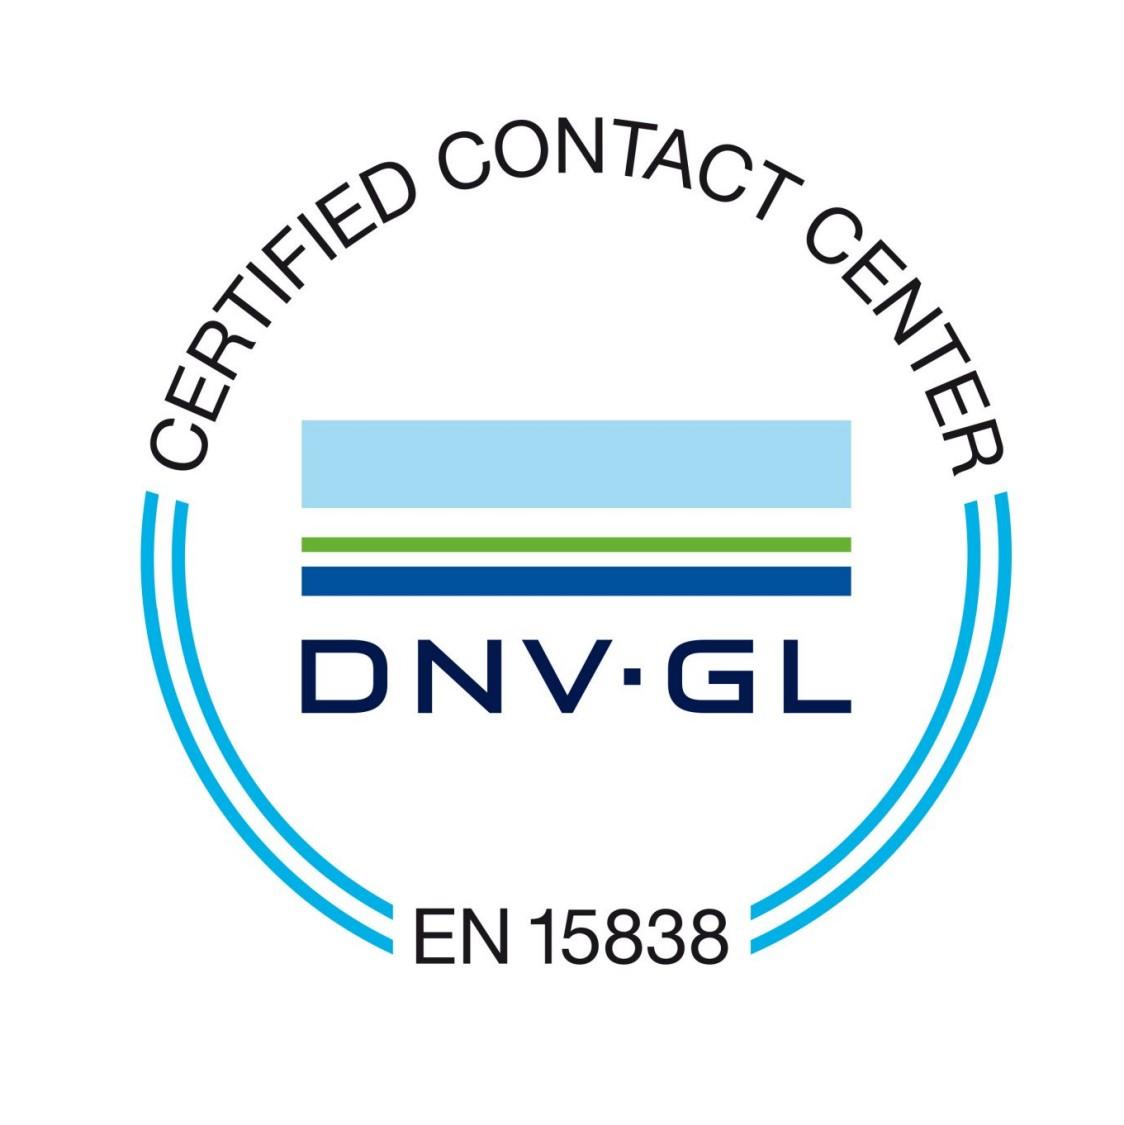 EN 15838 sertifikasyonu